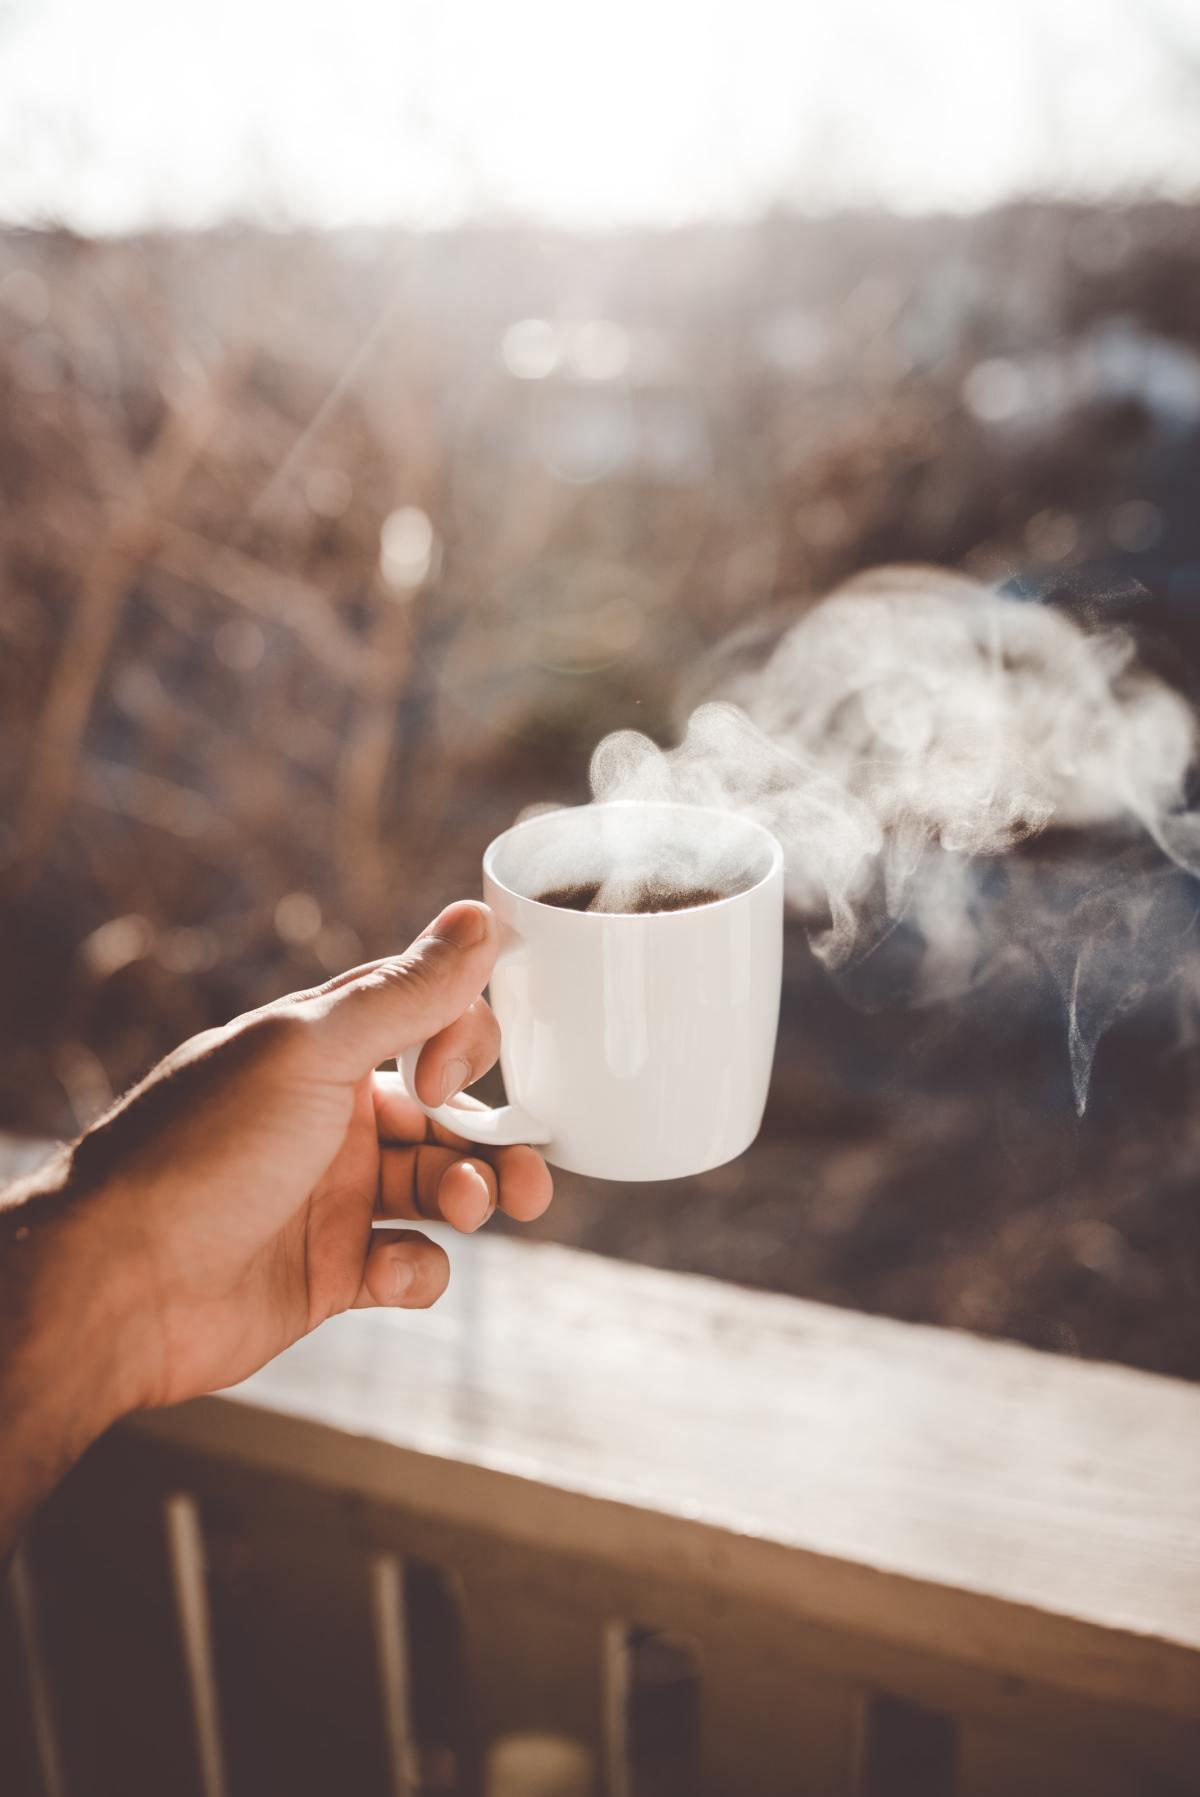 Waiting to Wait…and Tea                 इंतज़ार—इंतज़ार का… औरचाय